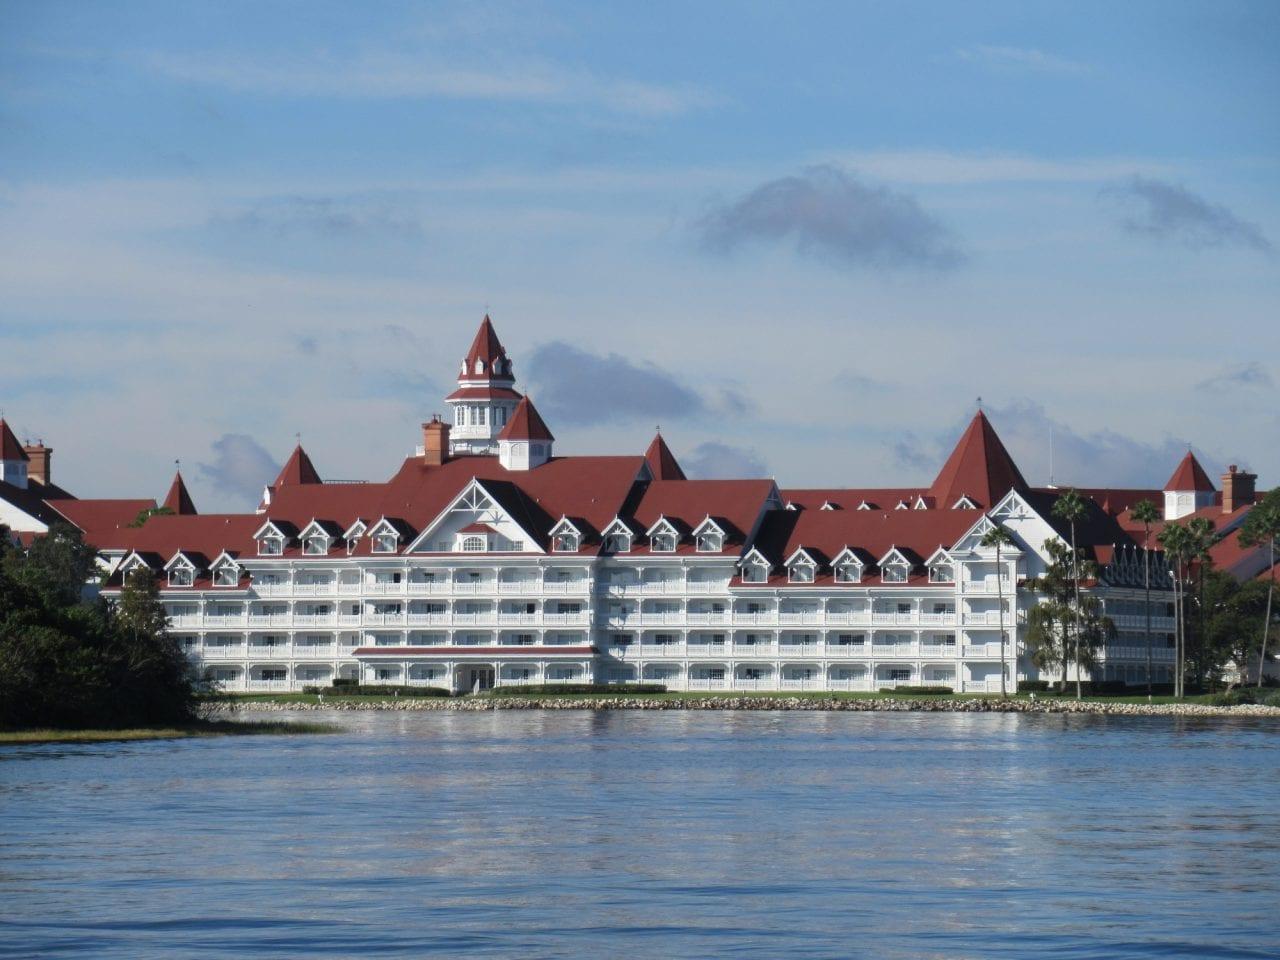 Disney Grand Floridian Exterior